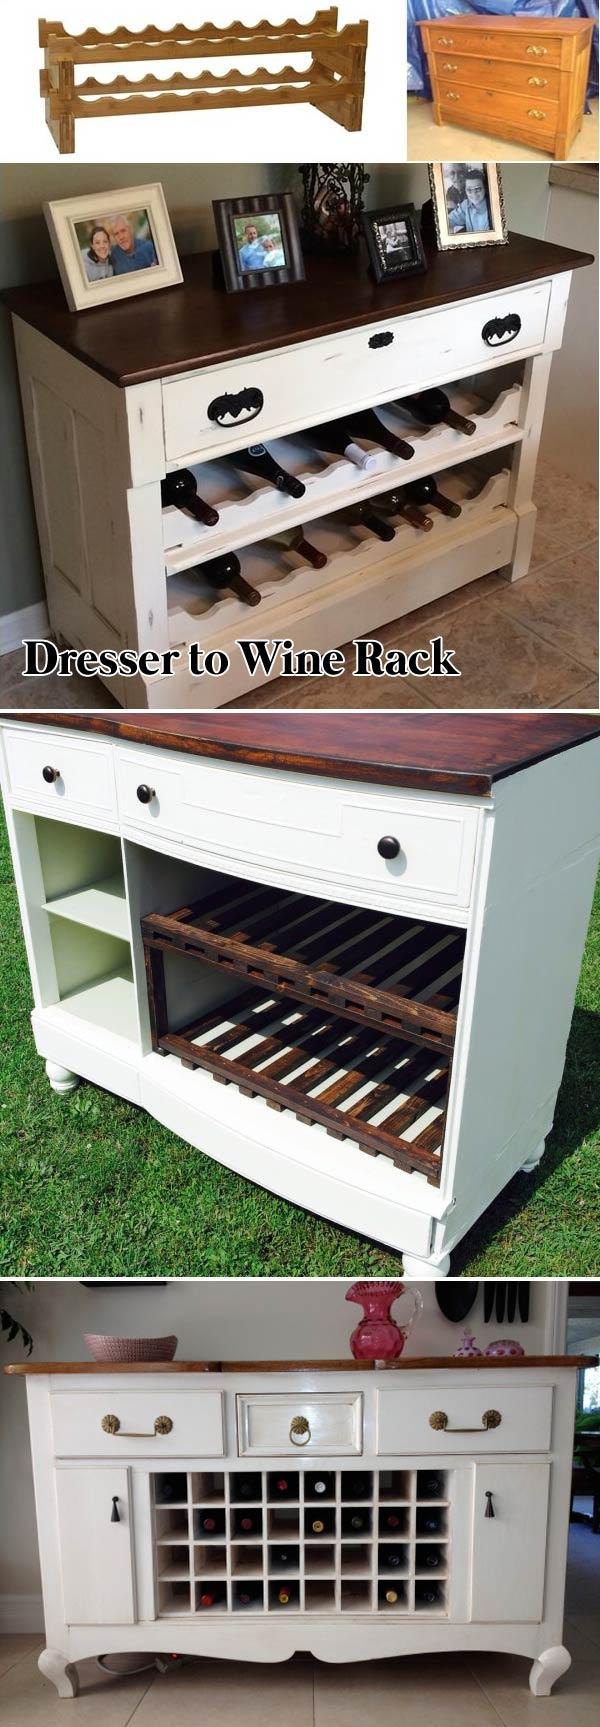 Dresser to Wine Rack